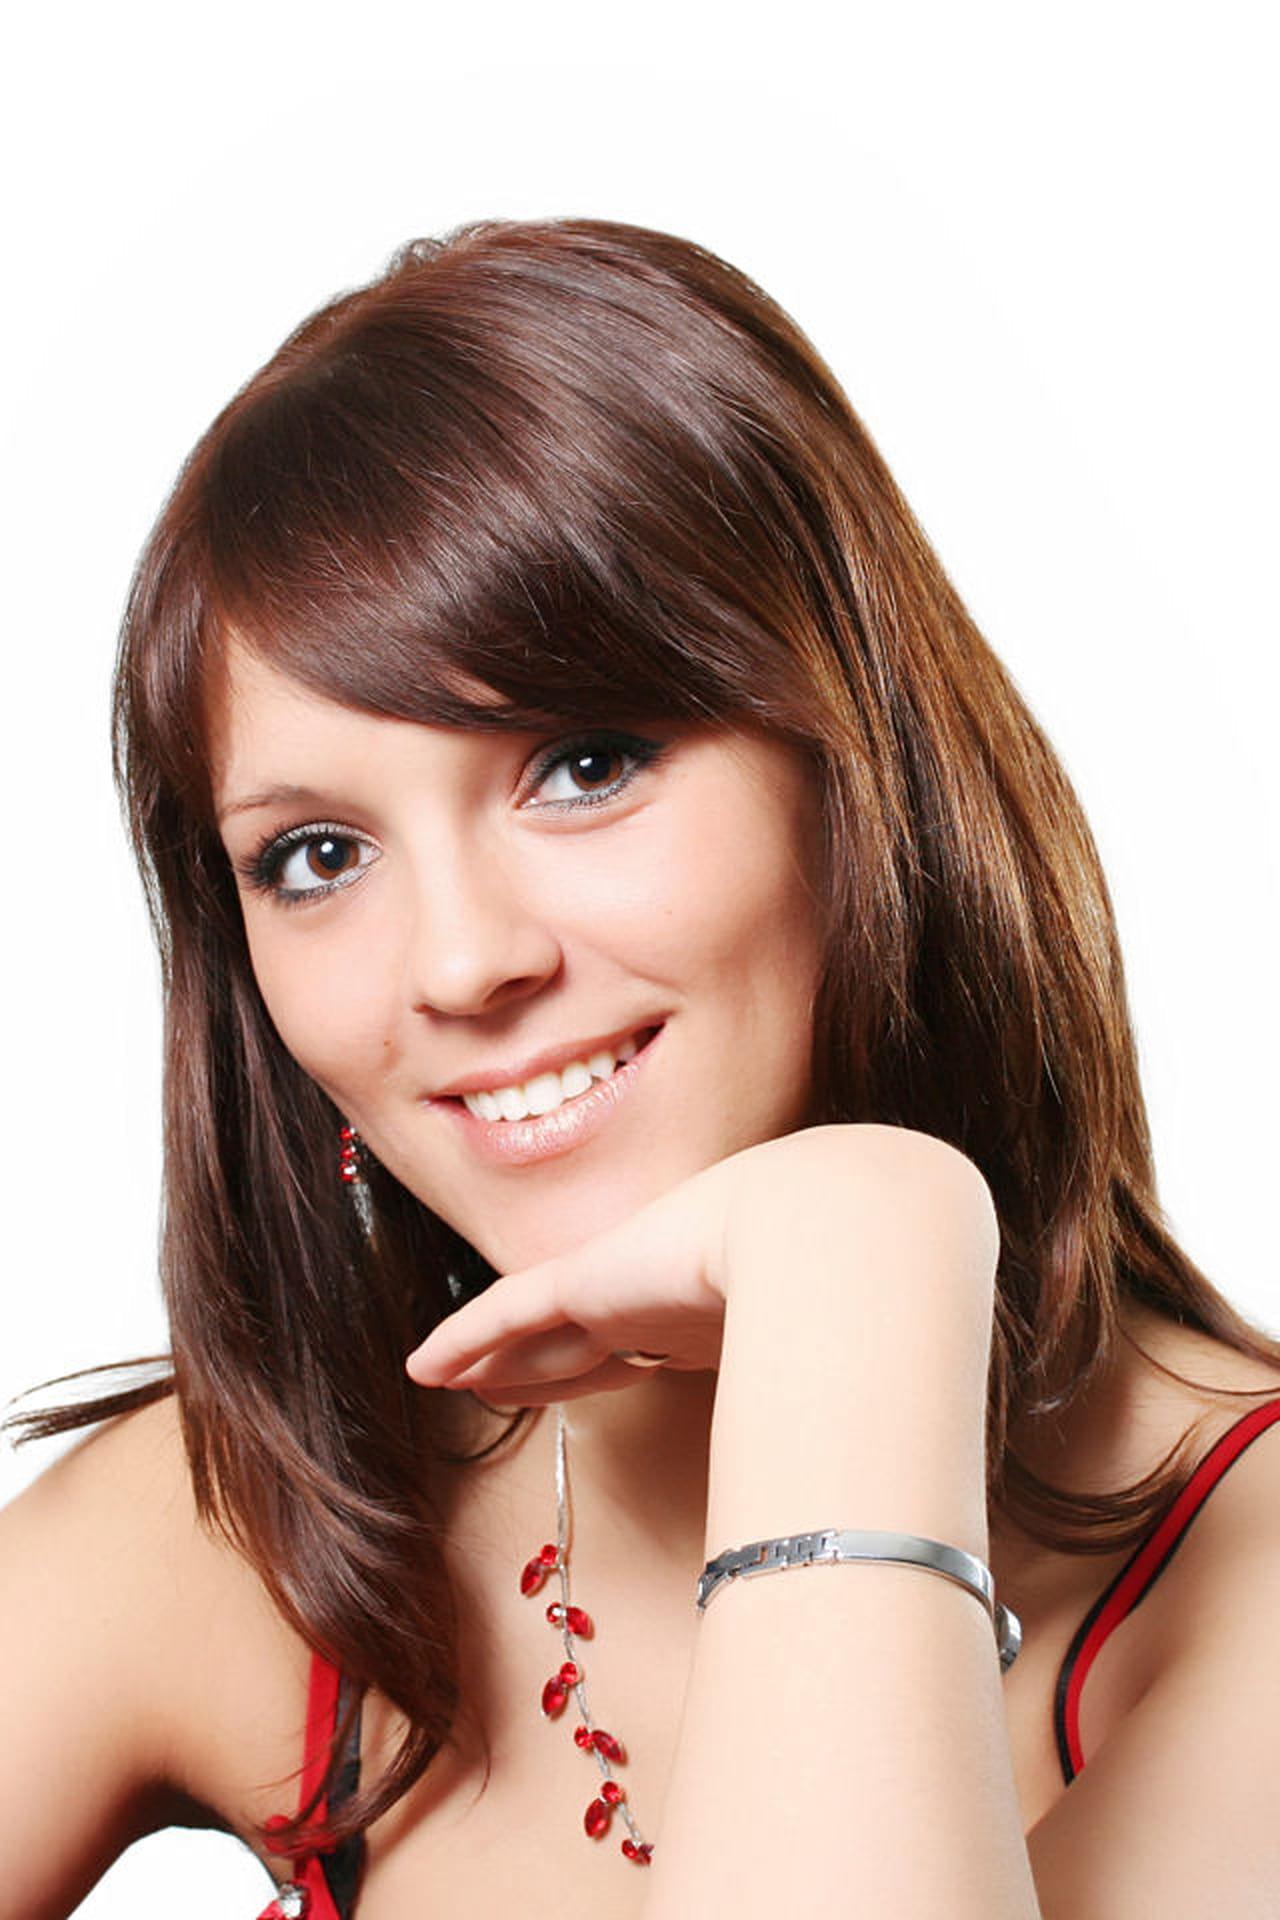 Taglio capelli viso lungo e fronte bassa